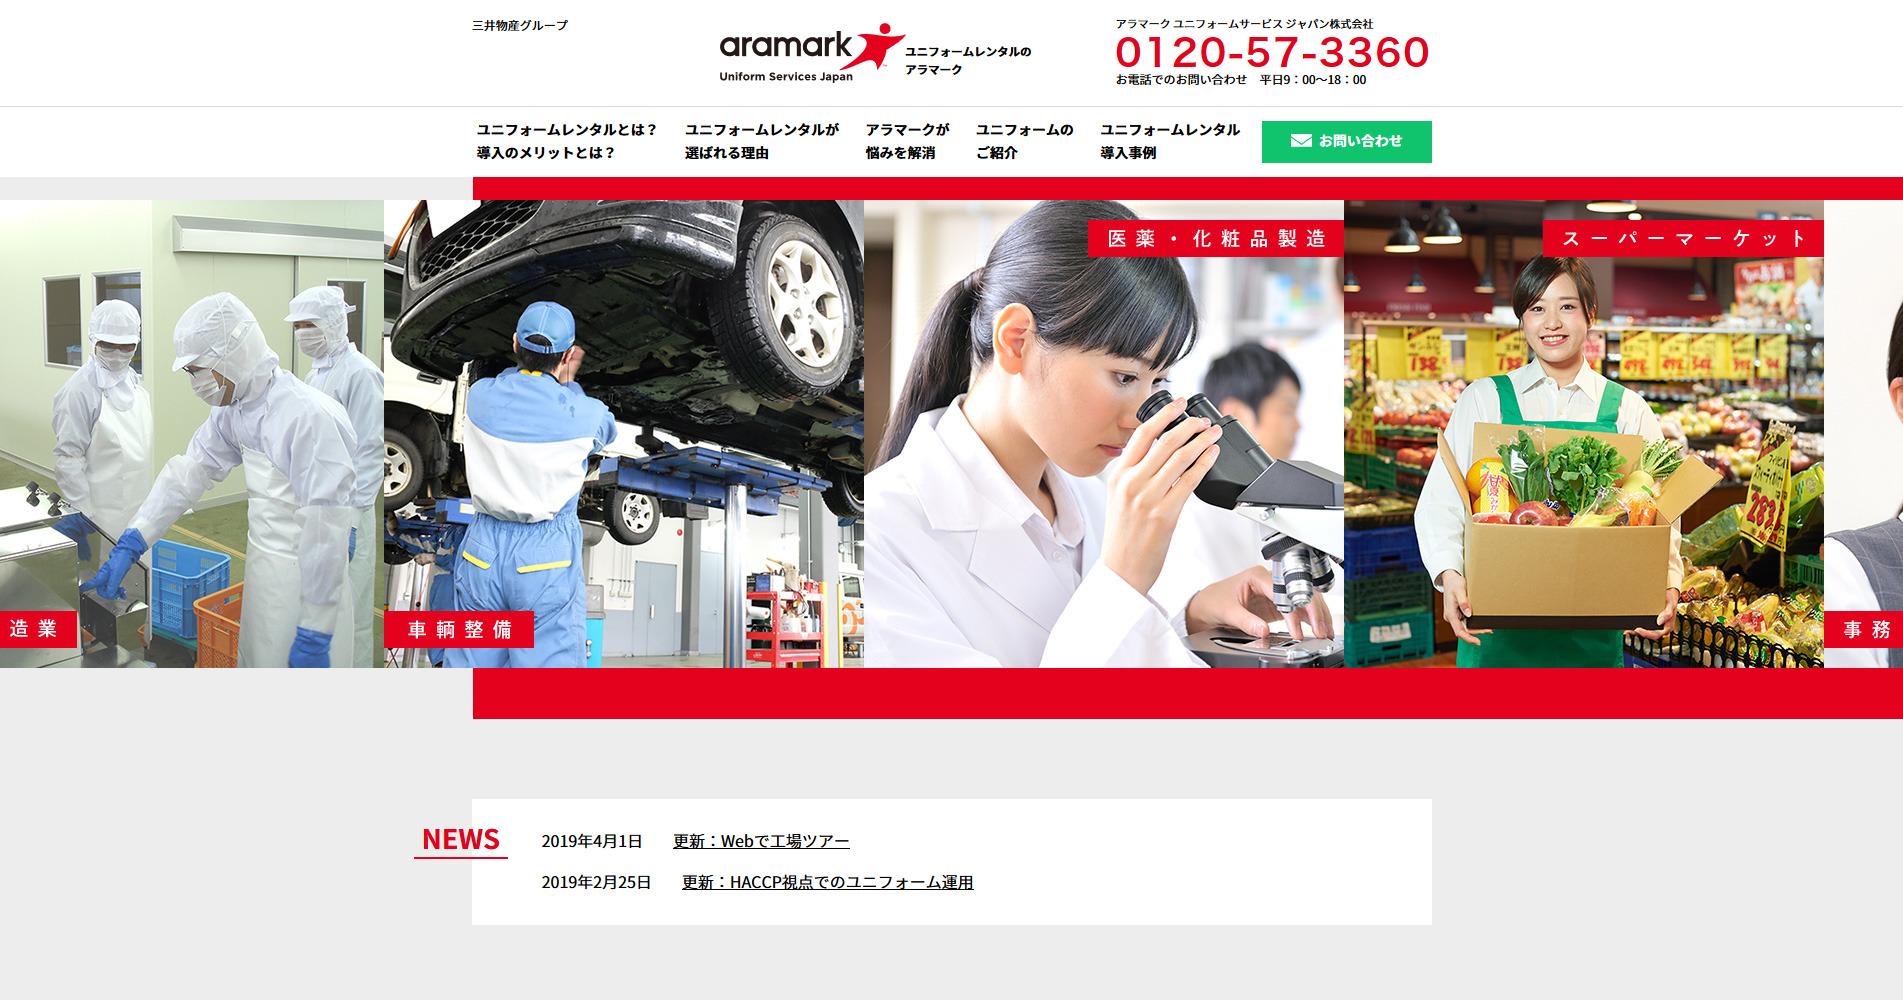 アラマーク ユニフォームサービス ジャパン株式会社 サービス紹介サイト